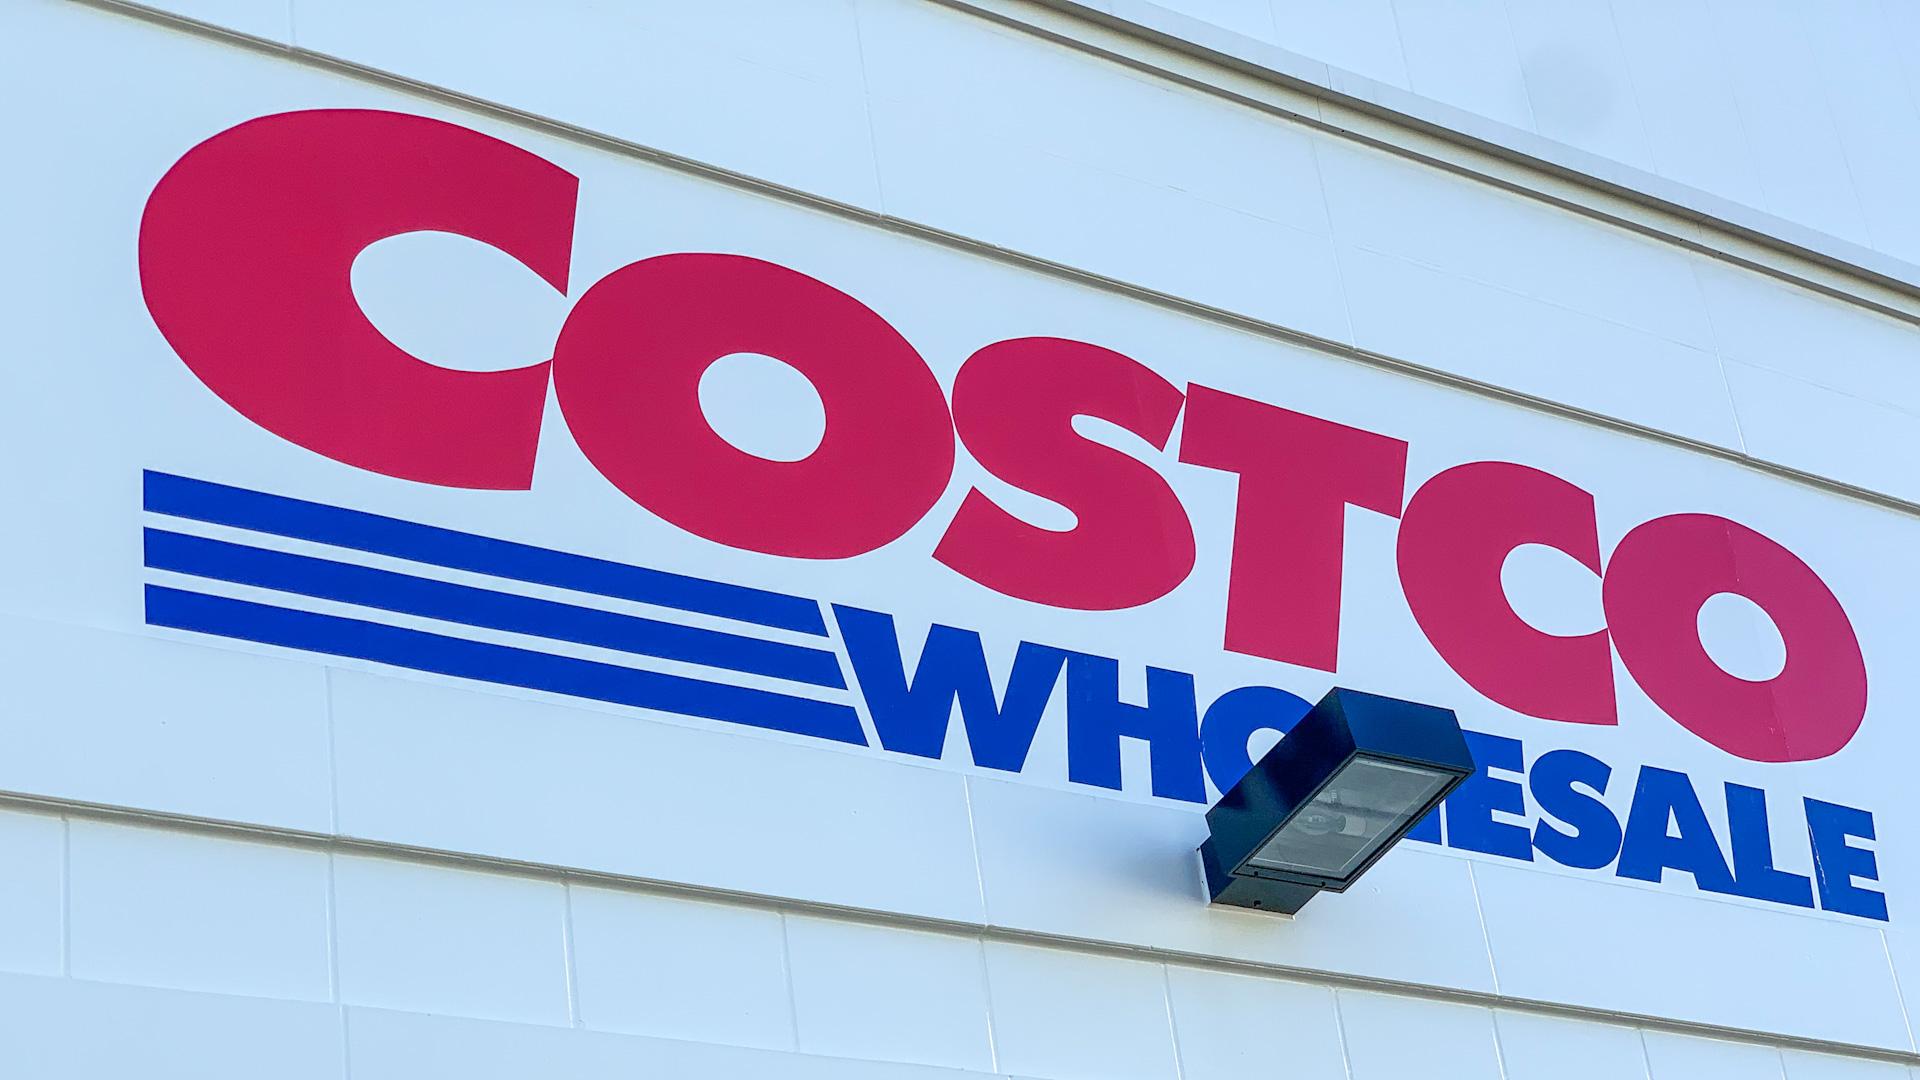 コストコで買えるバスタオルが優秀でおすすめ!口コミで評判の今治製品をご紹介